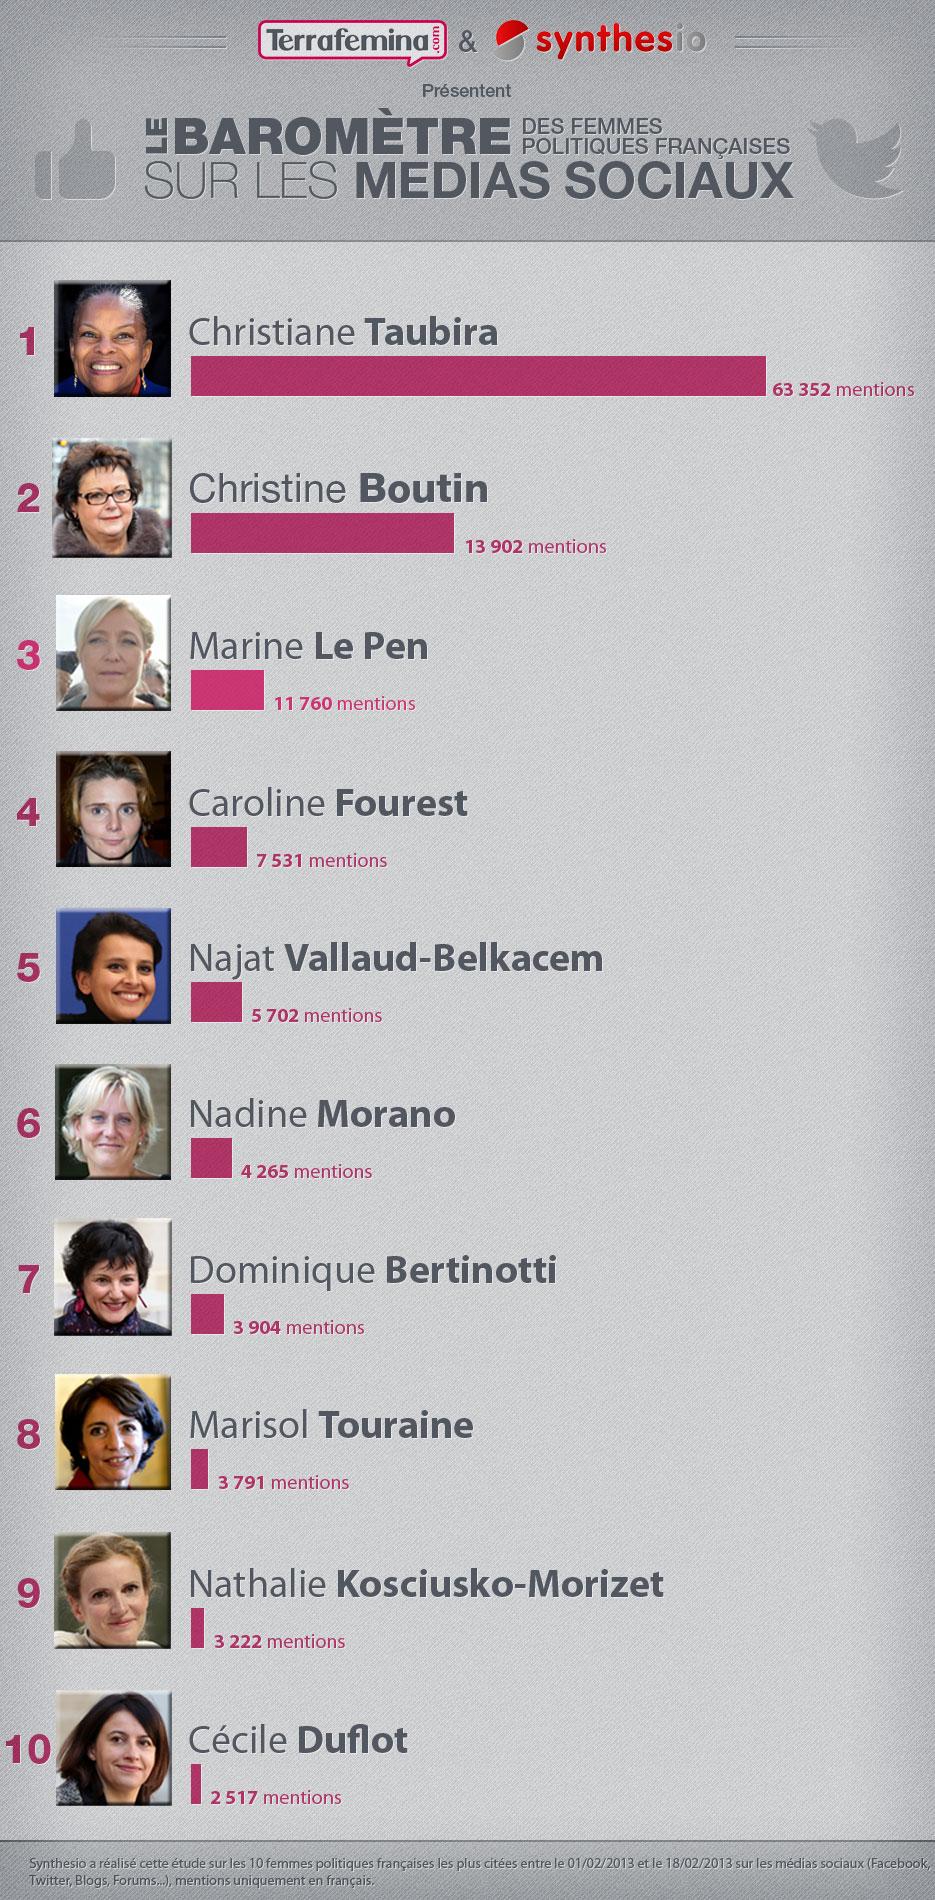 Baromètre Synthesio-Terrafemina sur les femmes politiques en février 2013